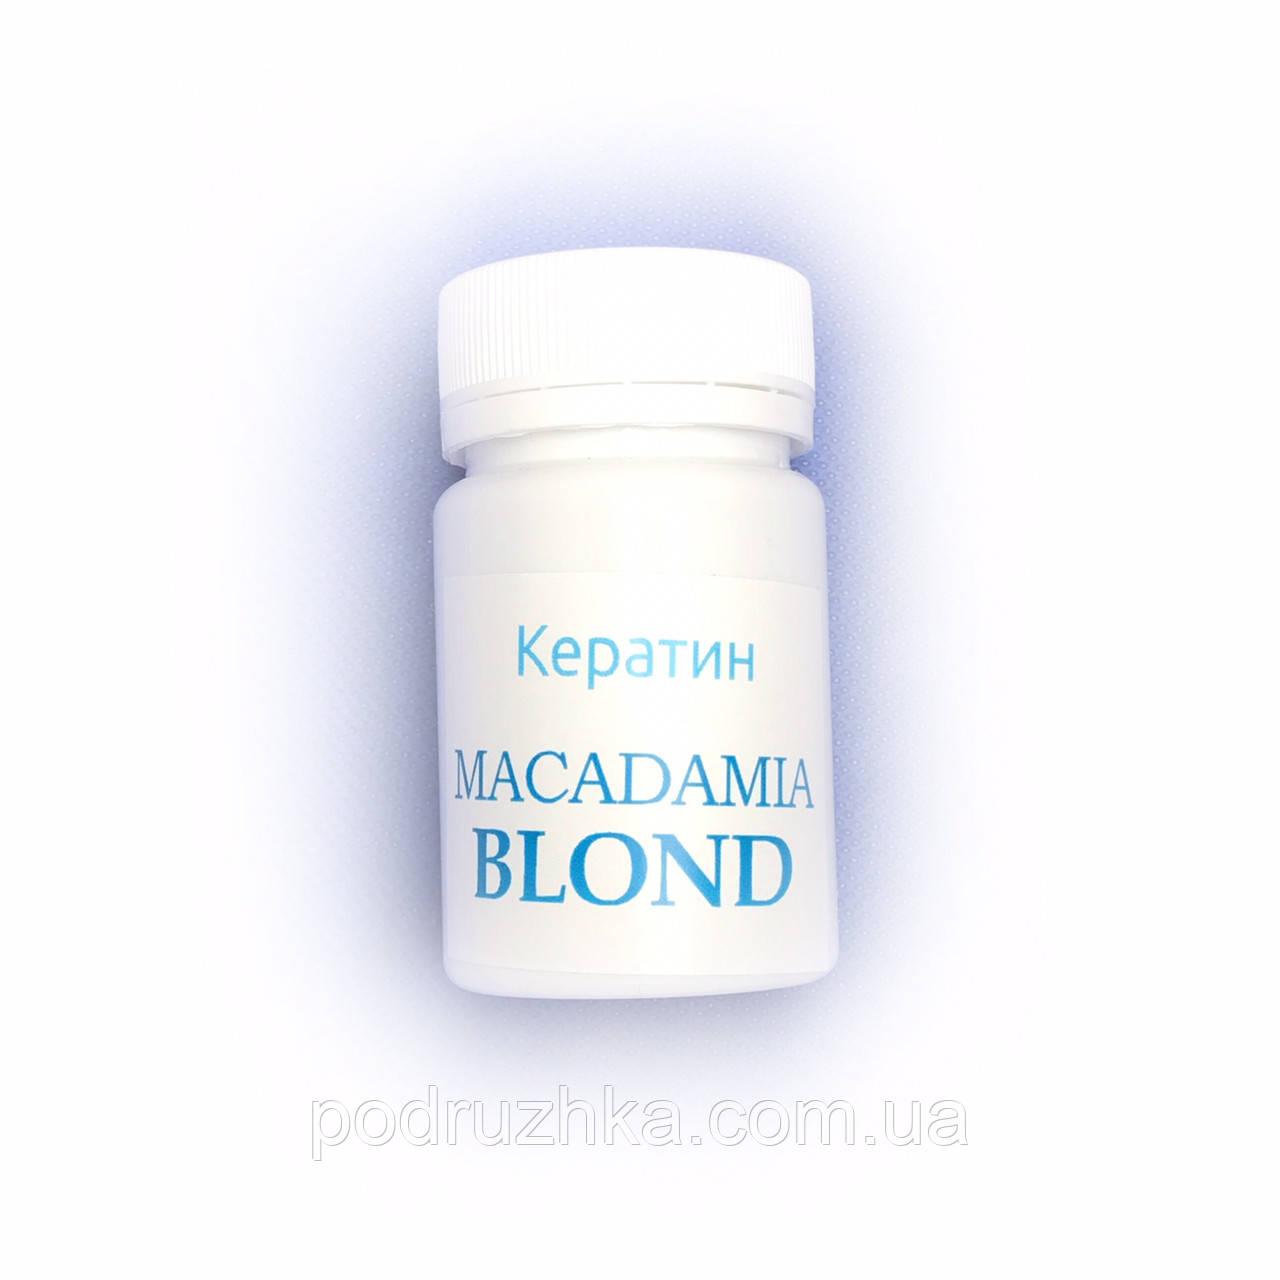 Набор для кератинового выравнивания волос Macadamia Ultimate Blond 2х200 г